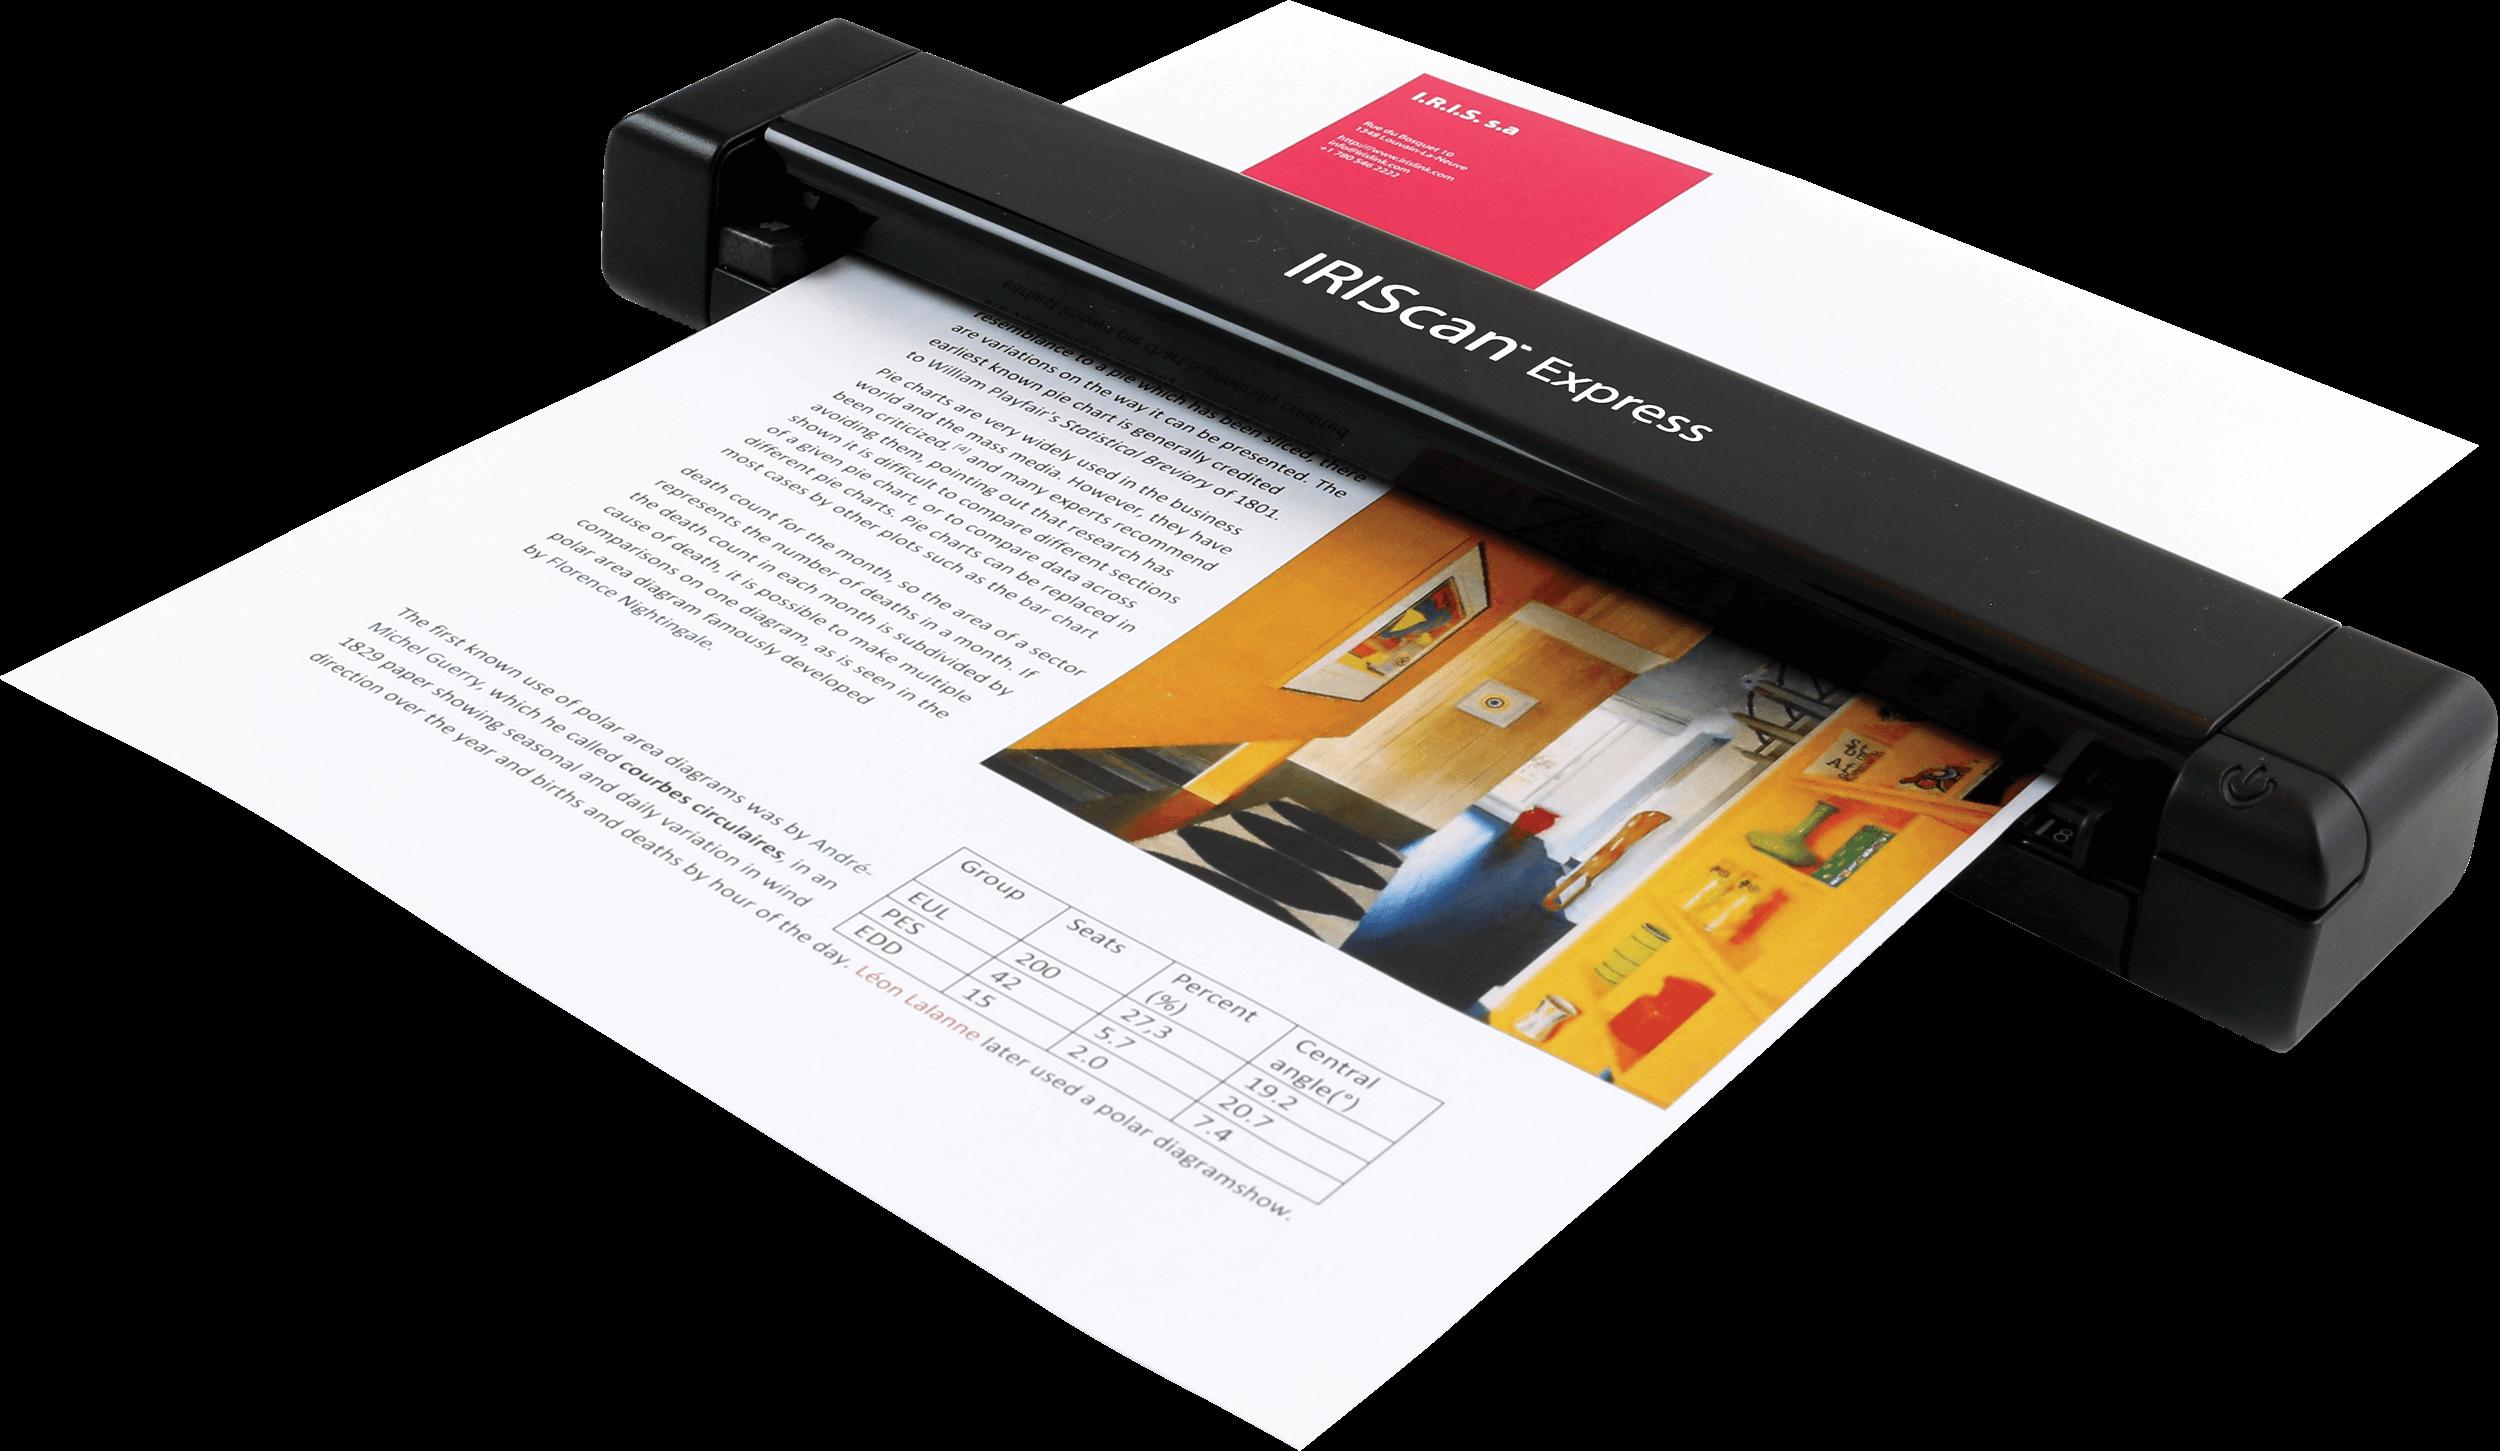 IRIScan Express 4 – So einfach kann scannen sein